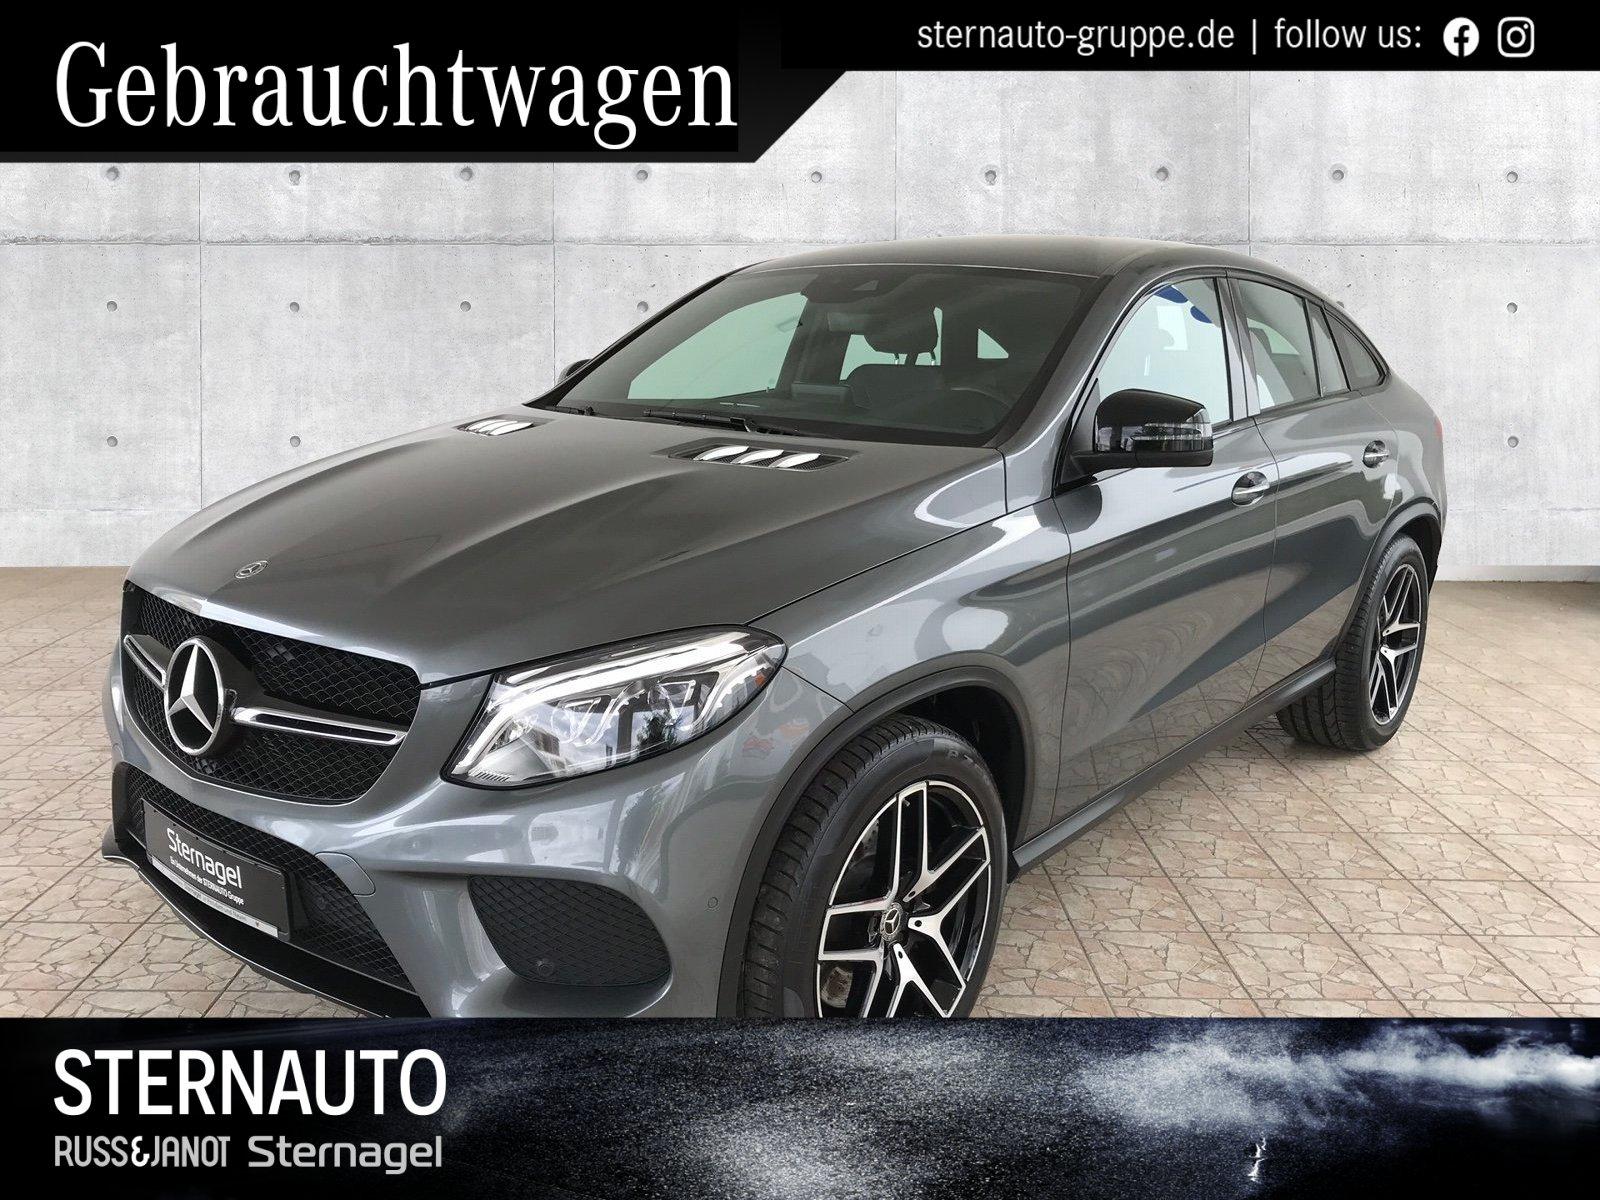 Mercedes-Benz GLE 500 4M AMG Line/Standhzg./COMAND/Kamera/ILS, Jahr 2017, Benzin